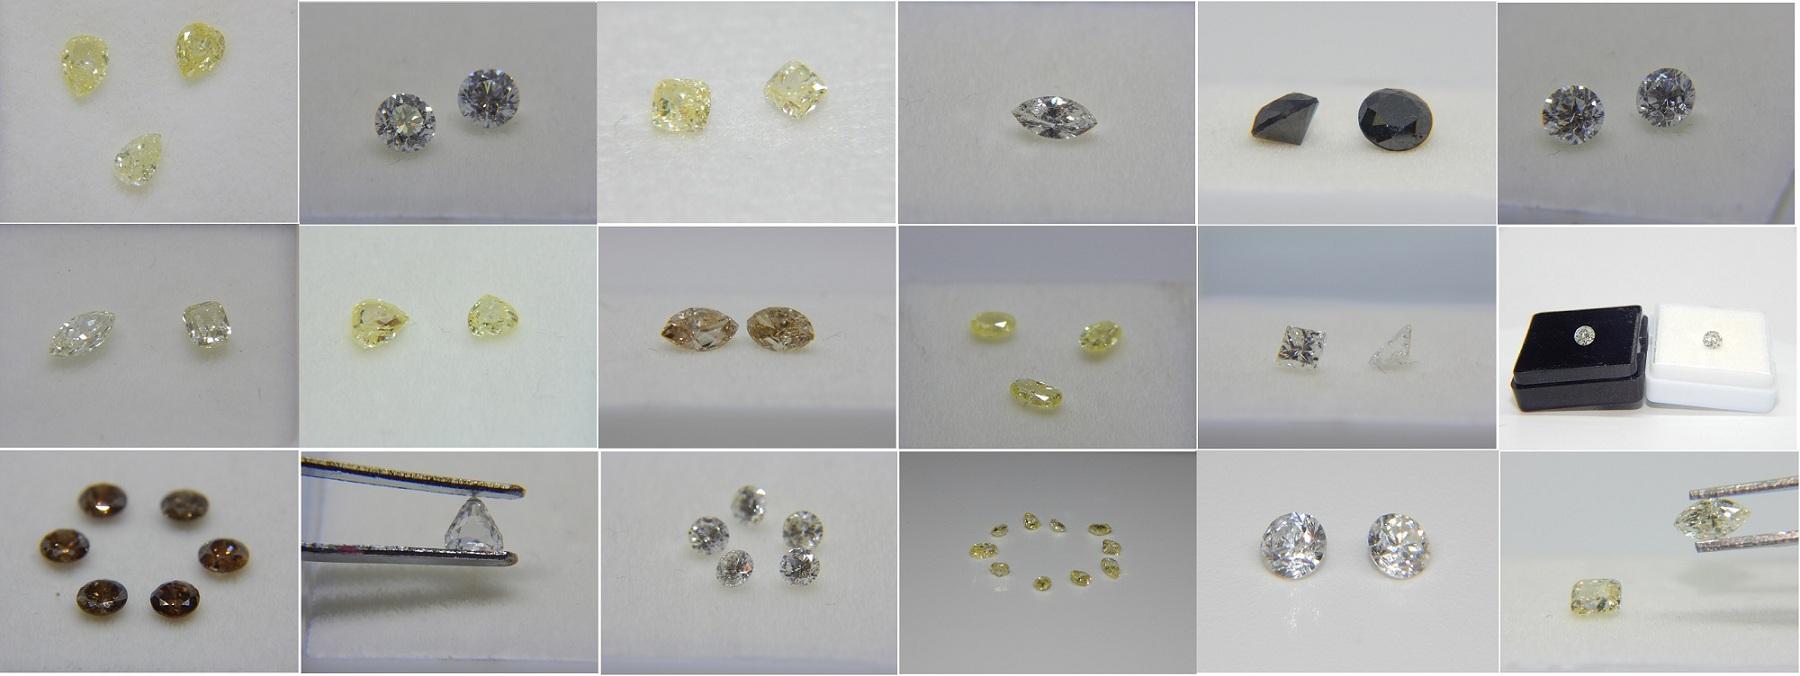 бриллианты натуральные природные_2.jpg